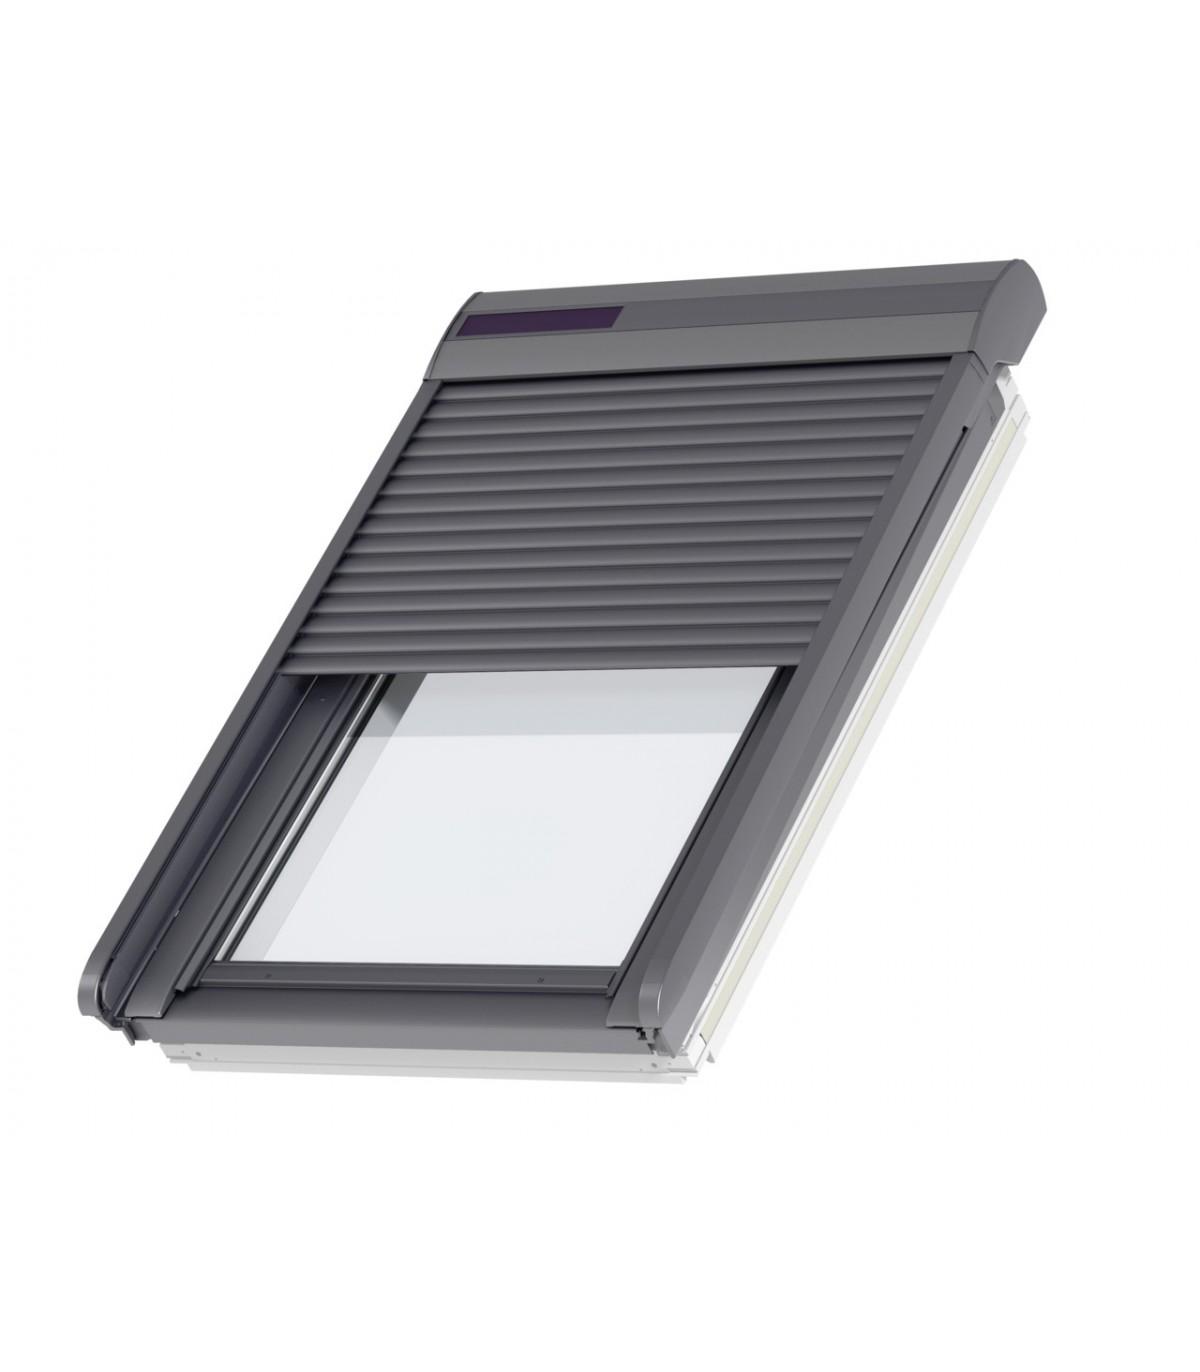 Sistema Di Oscuramento Per Finestre tapparella integra solare ssl velux - compra online